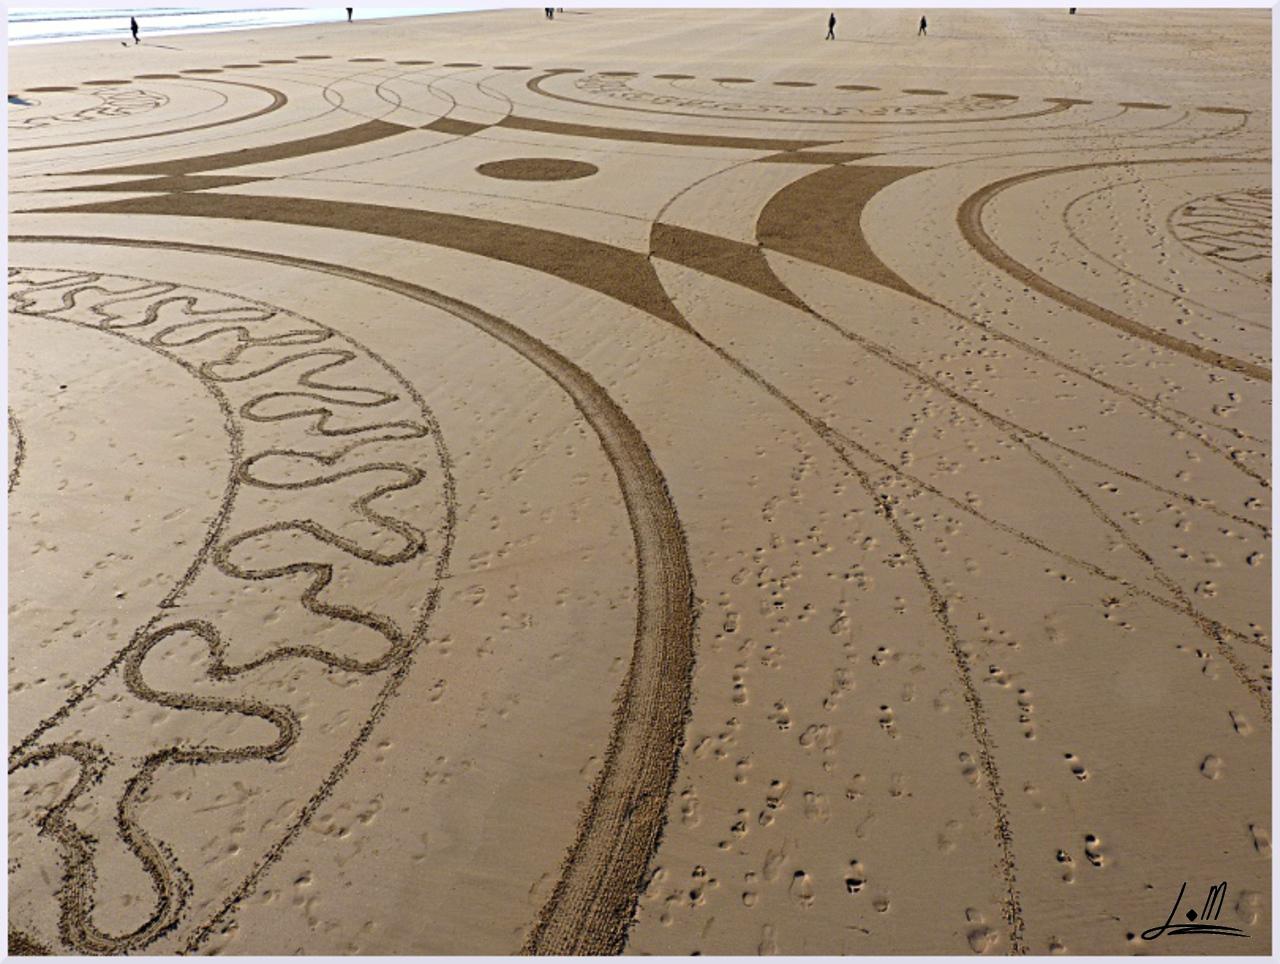 Fresque Beach art Seventeen, Michel Jobard